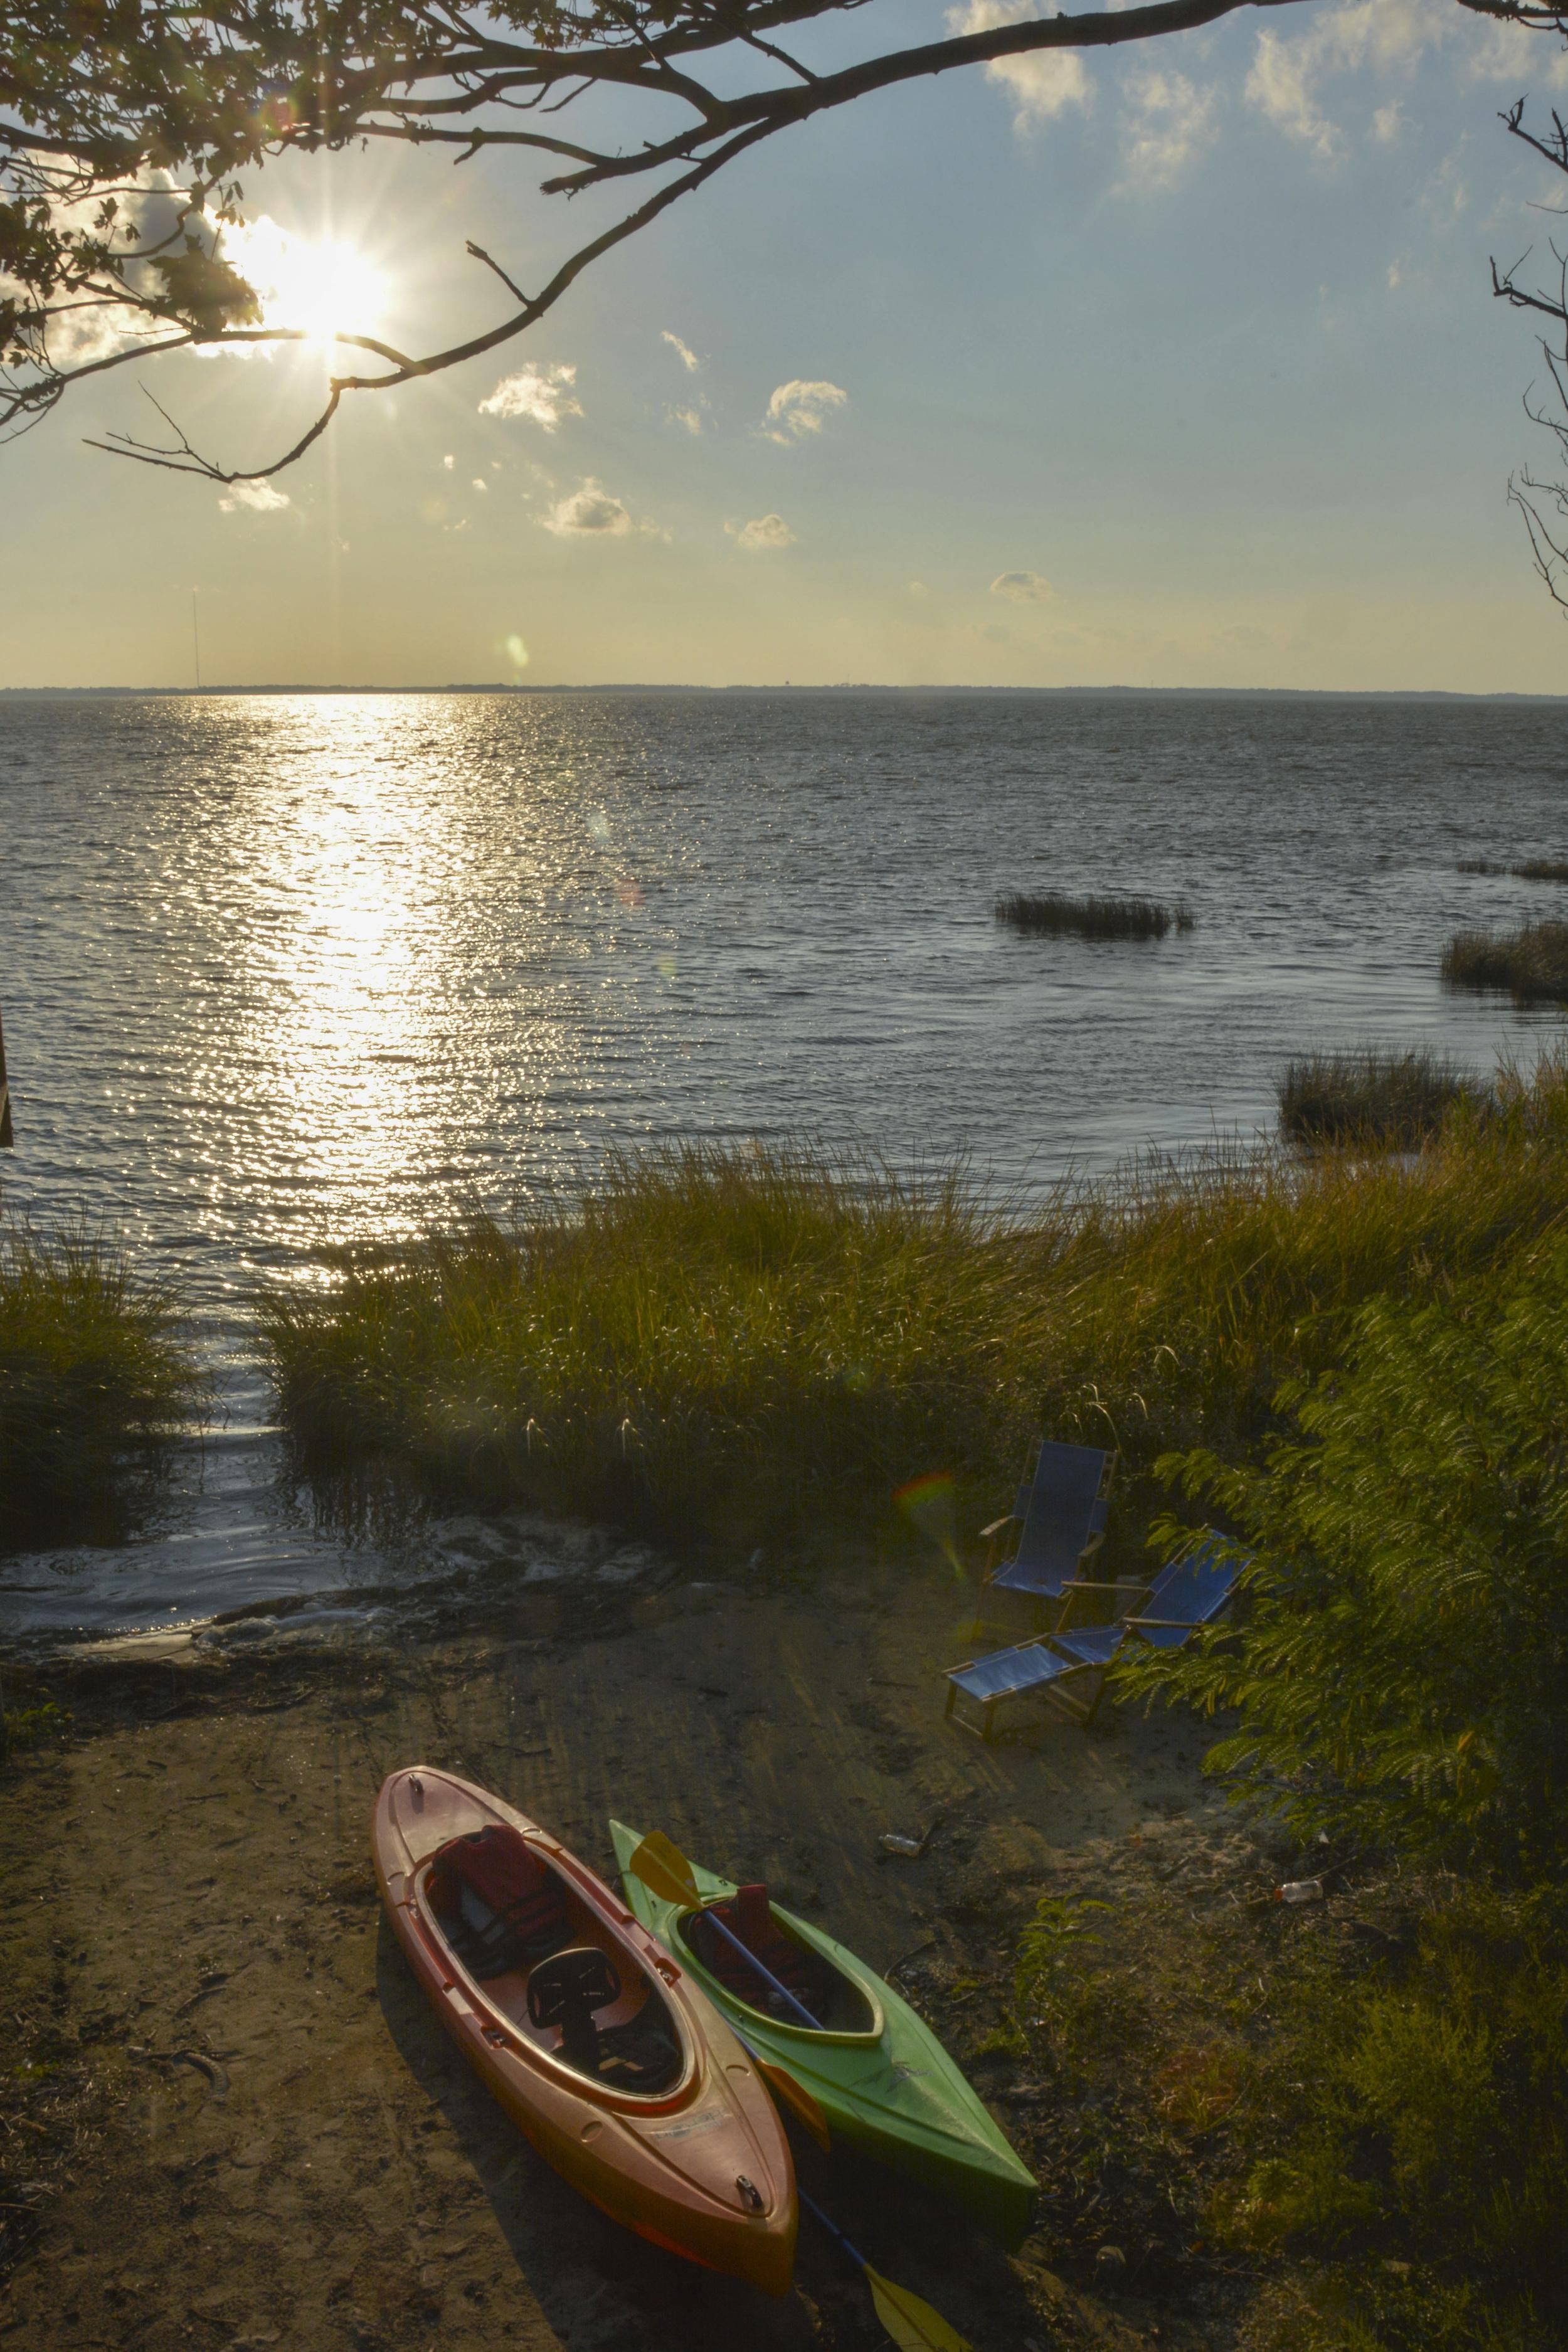 Outer Banks kayaks